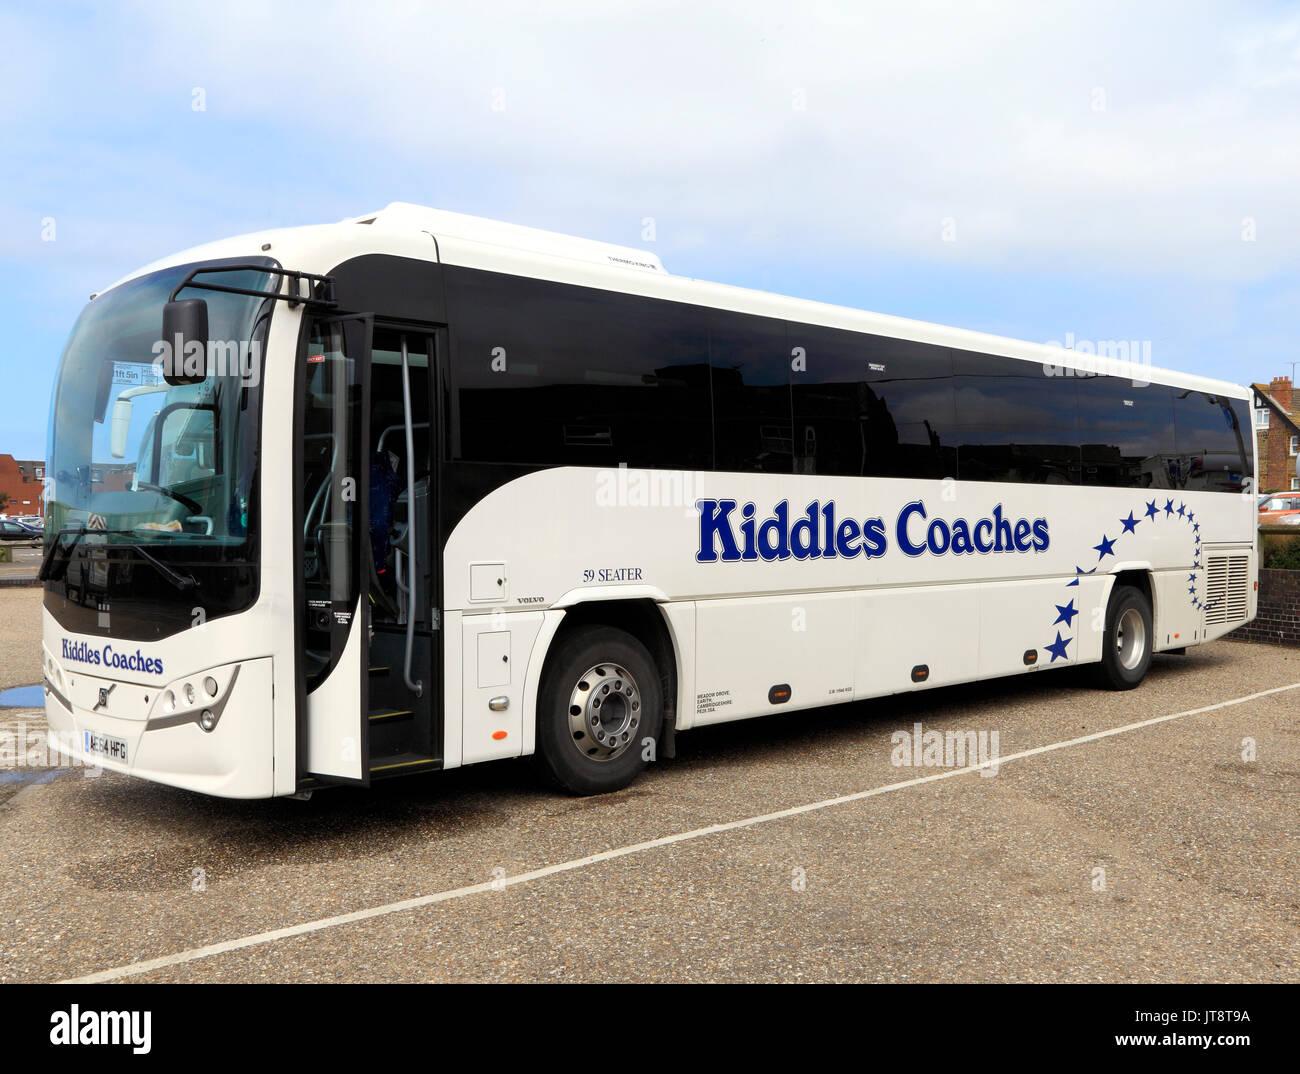 Kiddles entrenadores, entrenador, tours, excursiones, viajes, vacaciones, transporte, Inglaterra, Reino Unido, el operador, los operadores, la compañía, las empresas Imagen De Stock